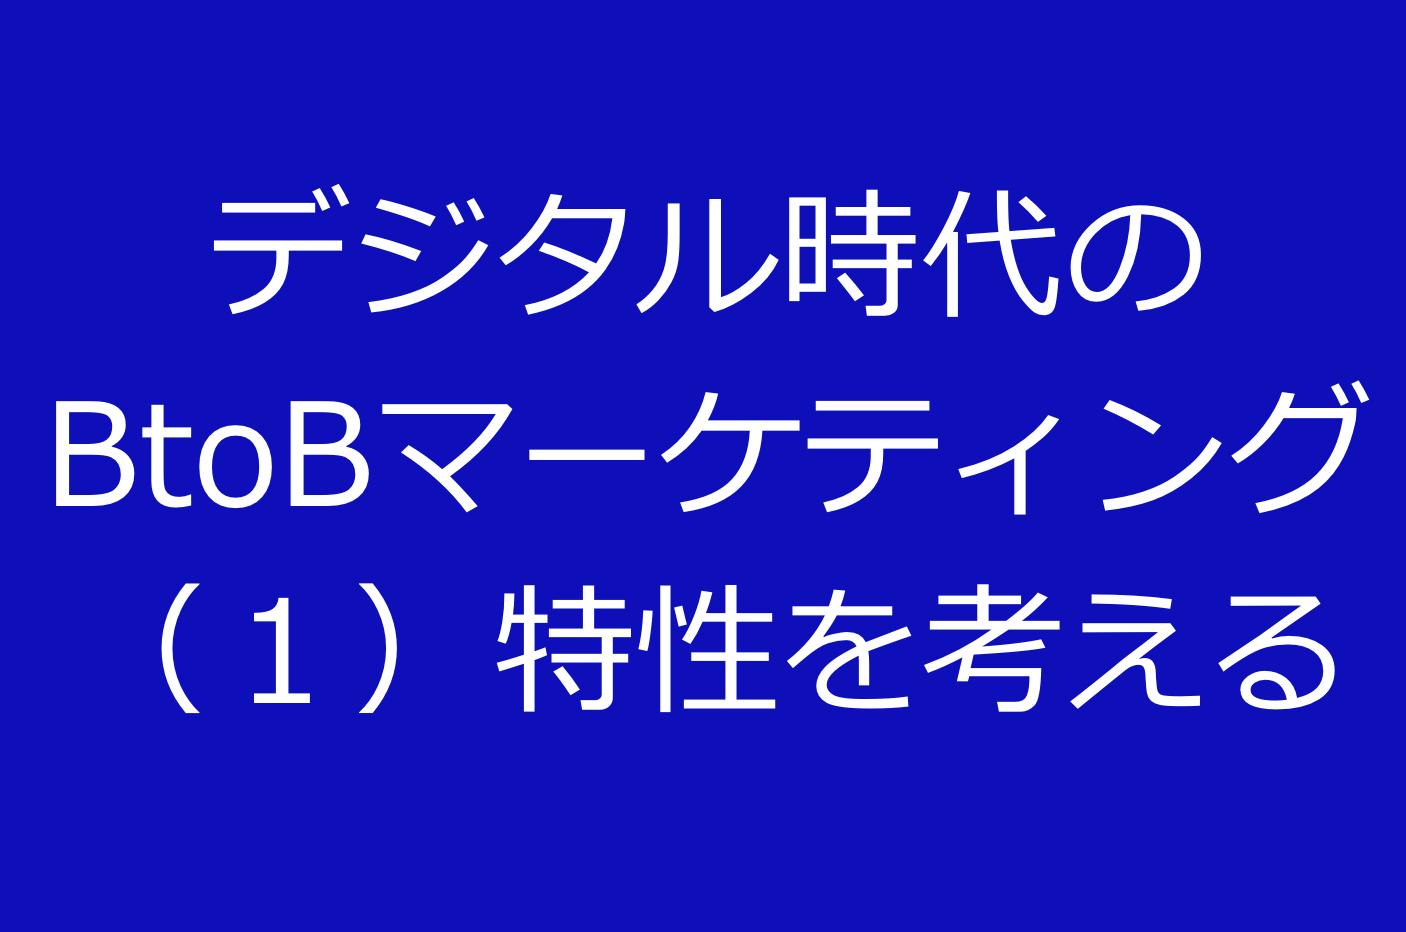 デジタル時代のBtoBマーケティング(1)特性を考える